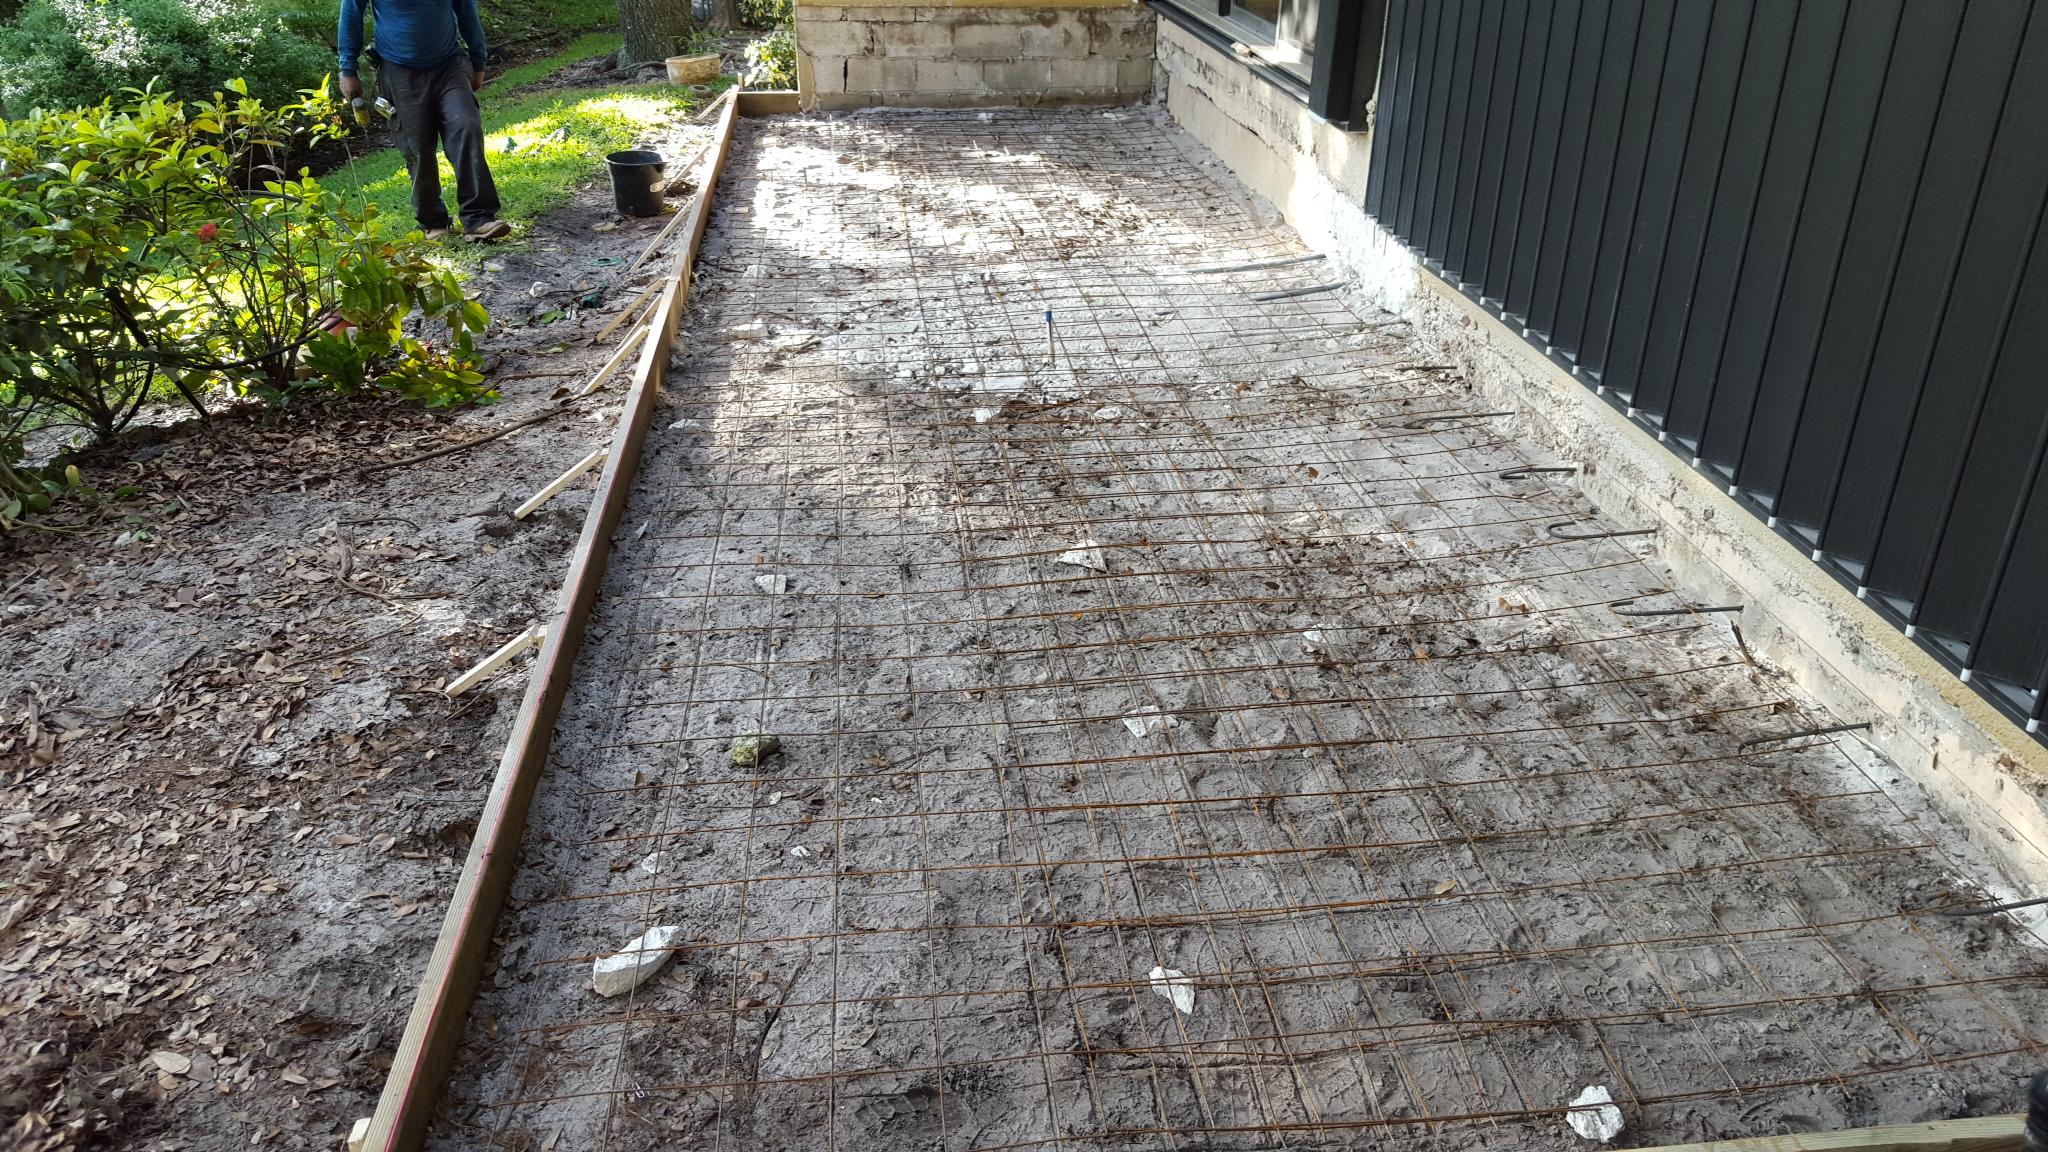 Concrete forms